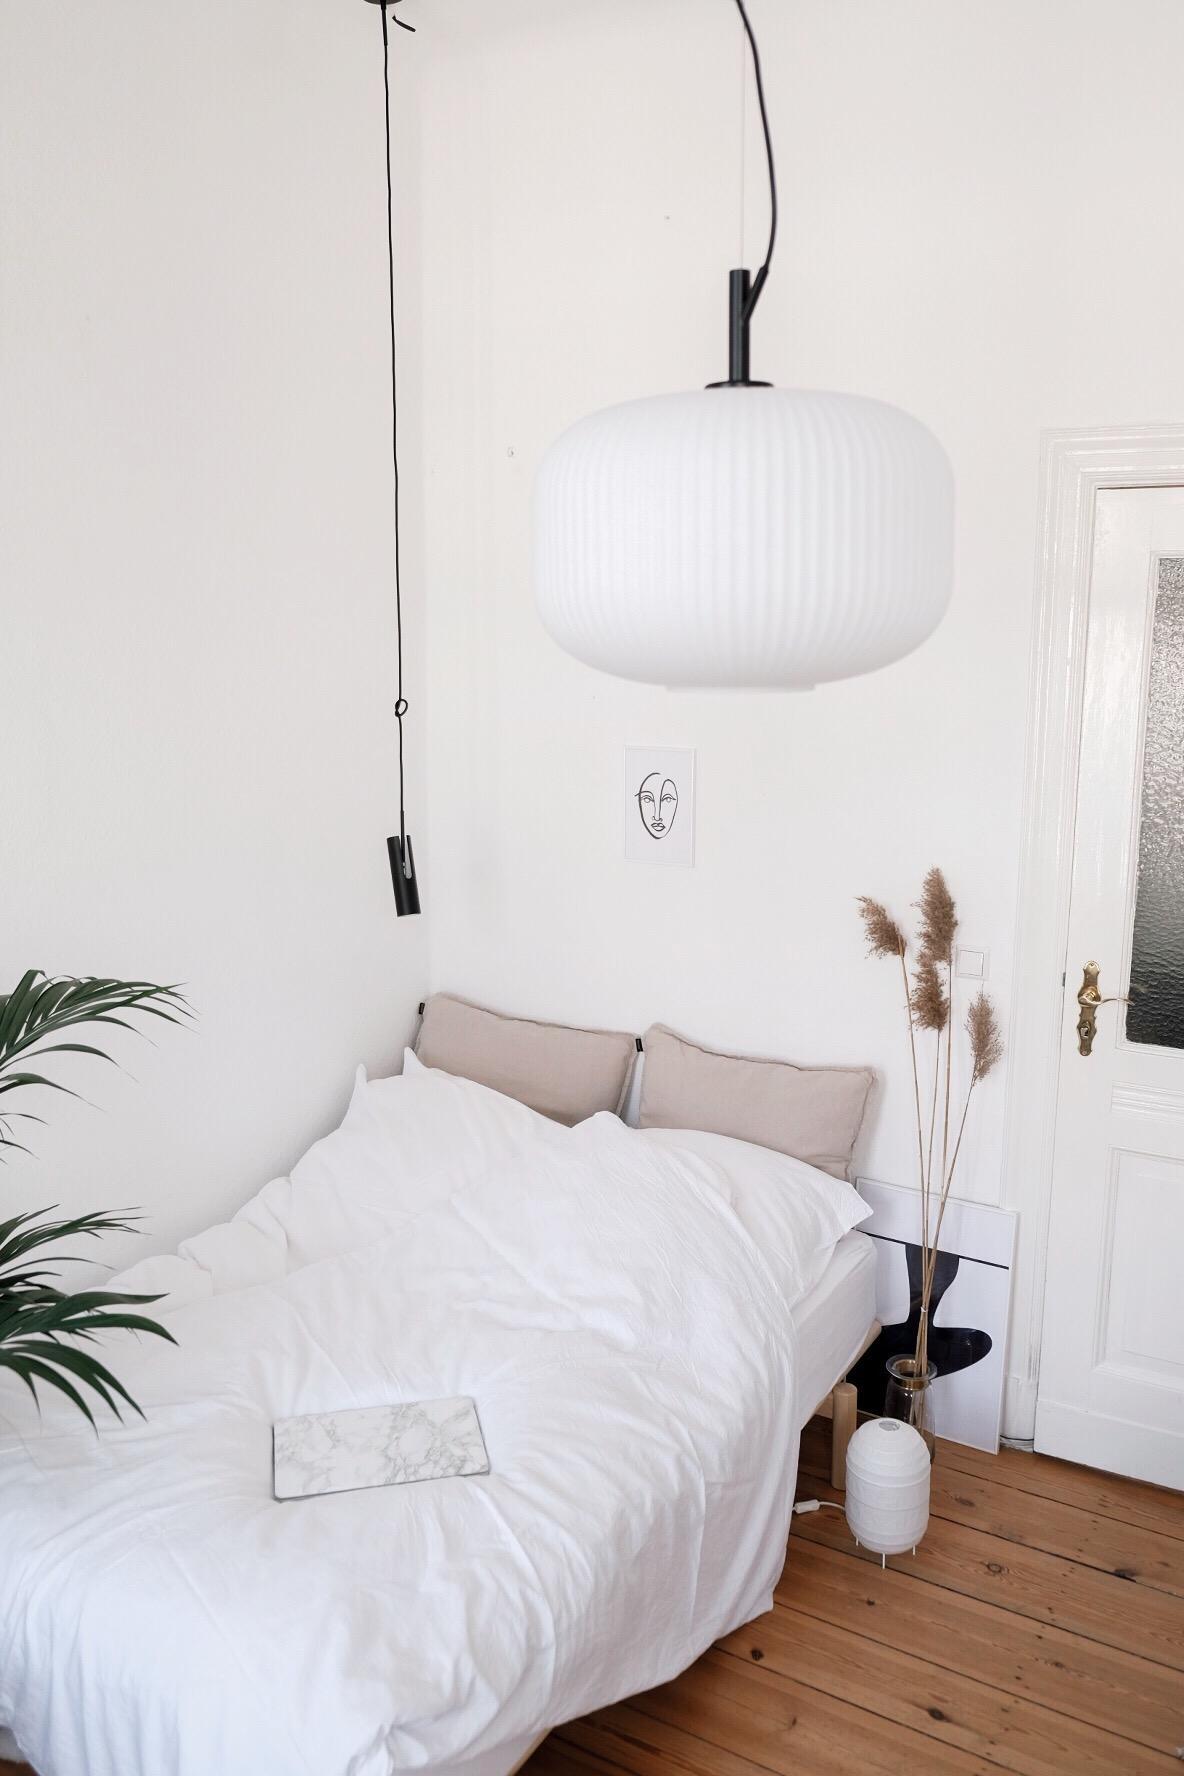 Full Size of Schlafzimmer Deckenleuchten Led Design Obi Moderne Deckenleuchte Modern Dimmbar Ikea Amazon Designer Tipps Und Wohnideen Aus Der Community Tapeten Rauch Wohnzimmer Schlafzimmer Deckenleuchten